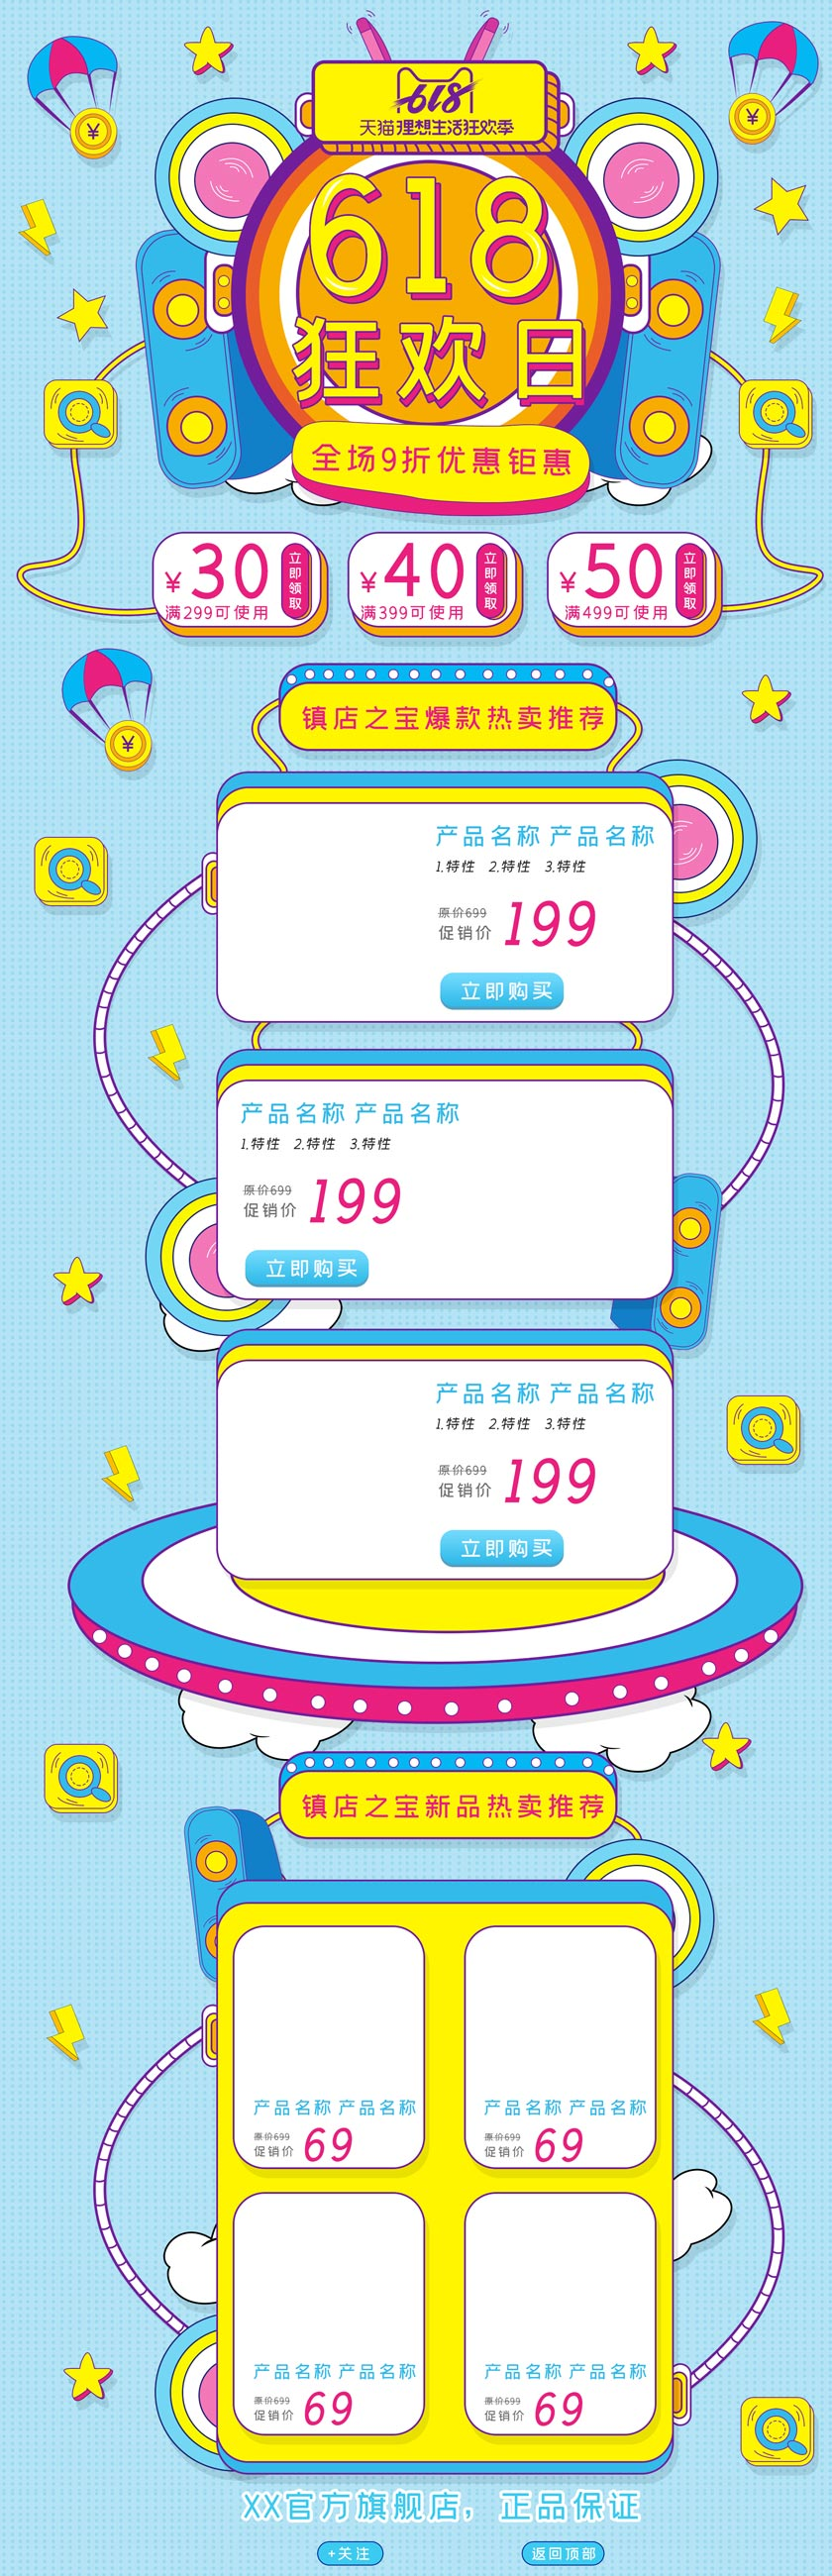 淘宝618狂欢日首页设计PSD模板